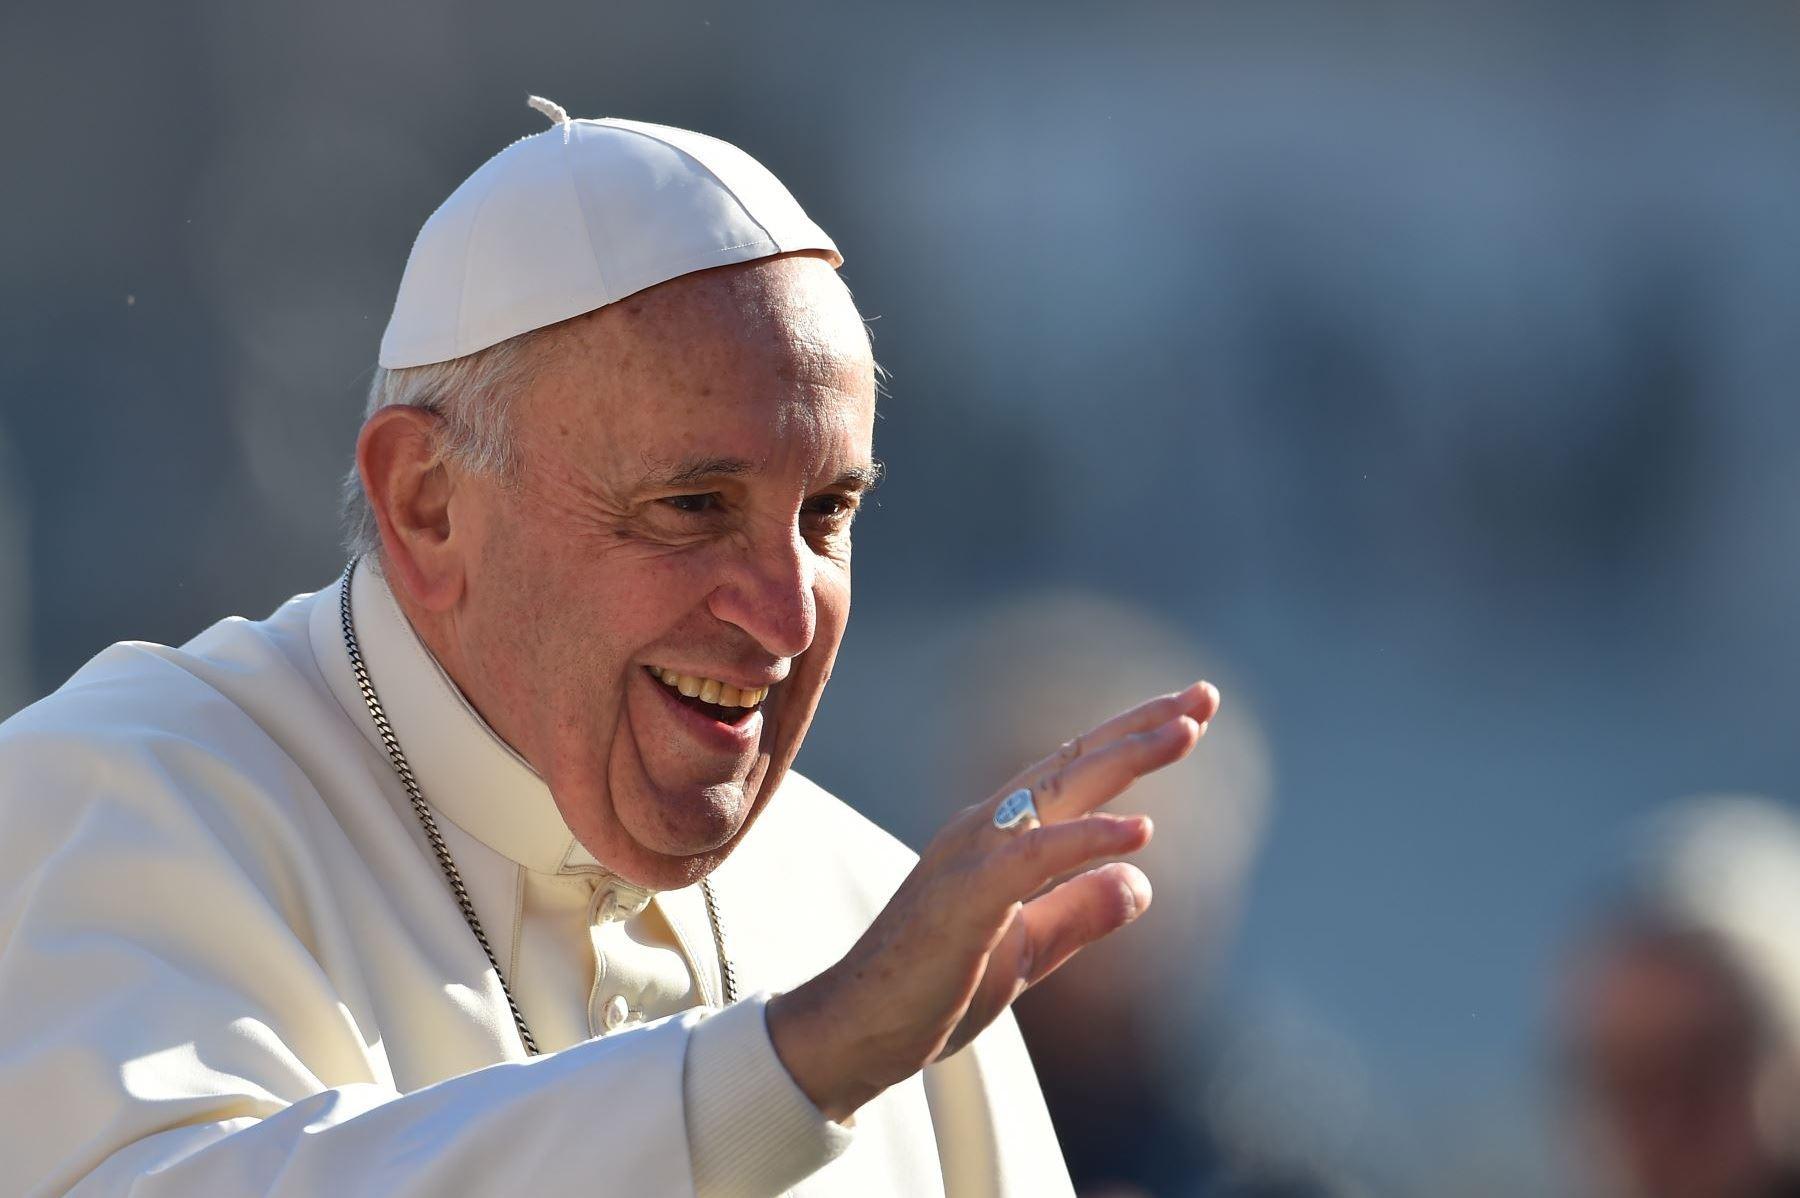 Desmantelan plan terrorista contra el papa Francisco